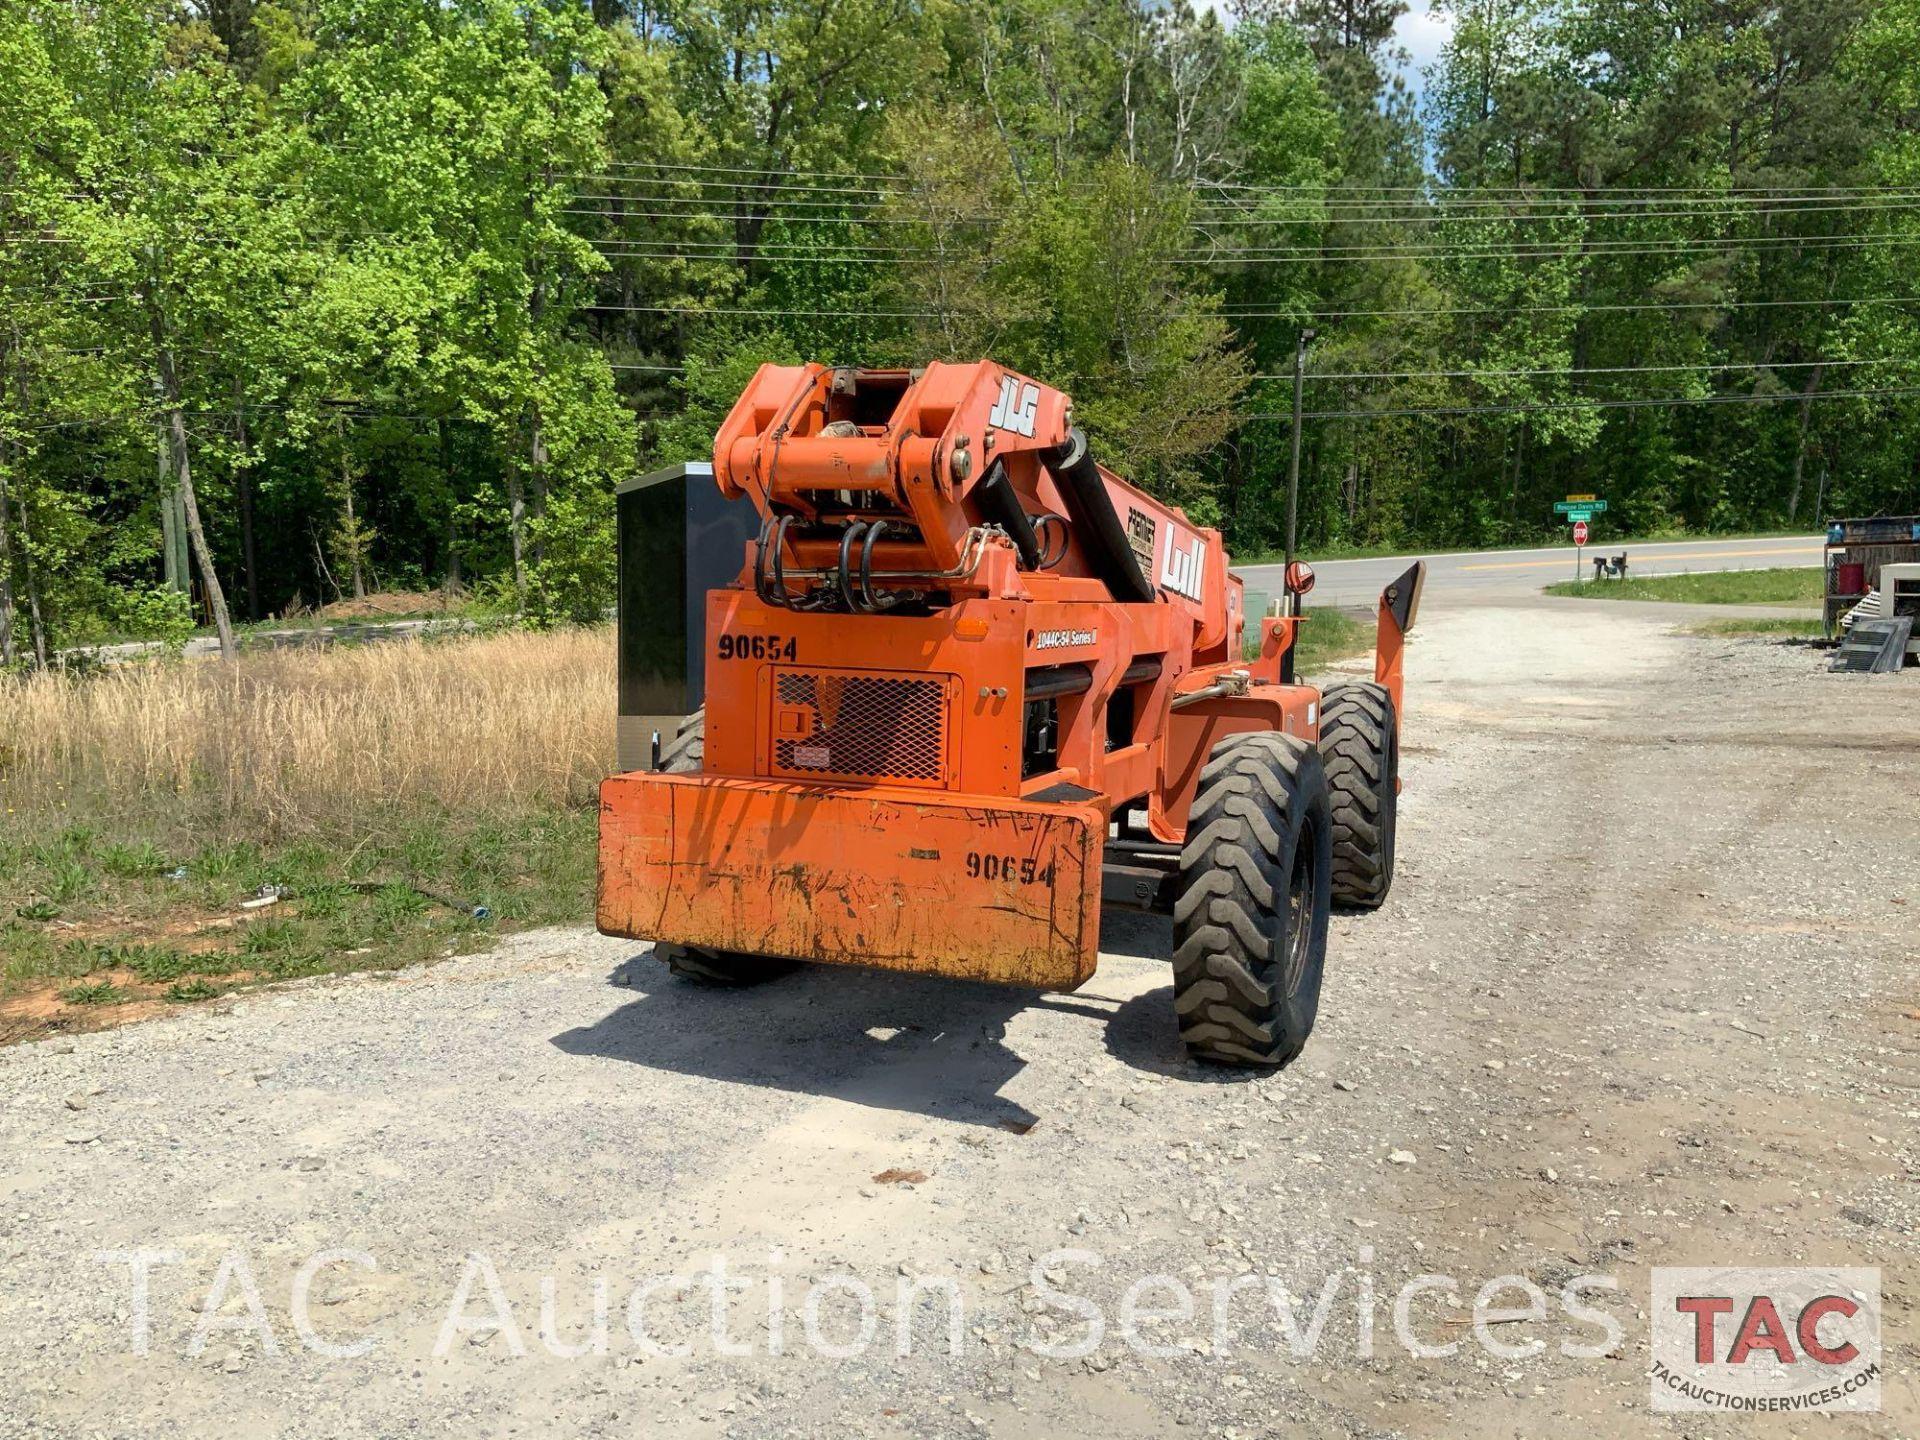 2007 JLG LULL Telehander Forklift - Image 7 of 25